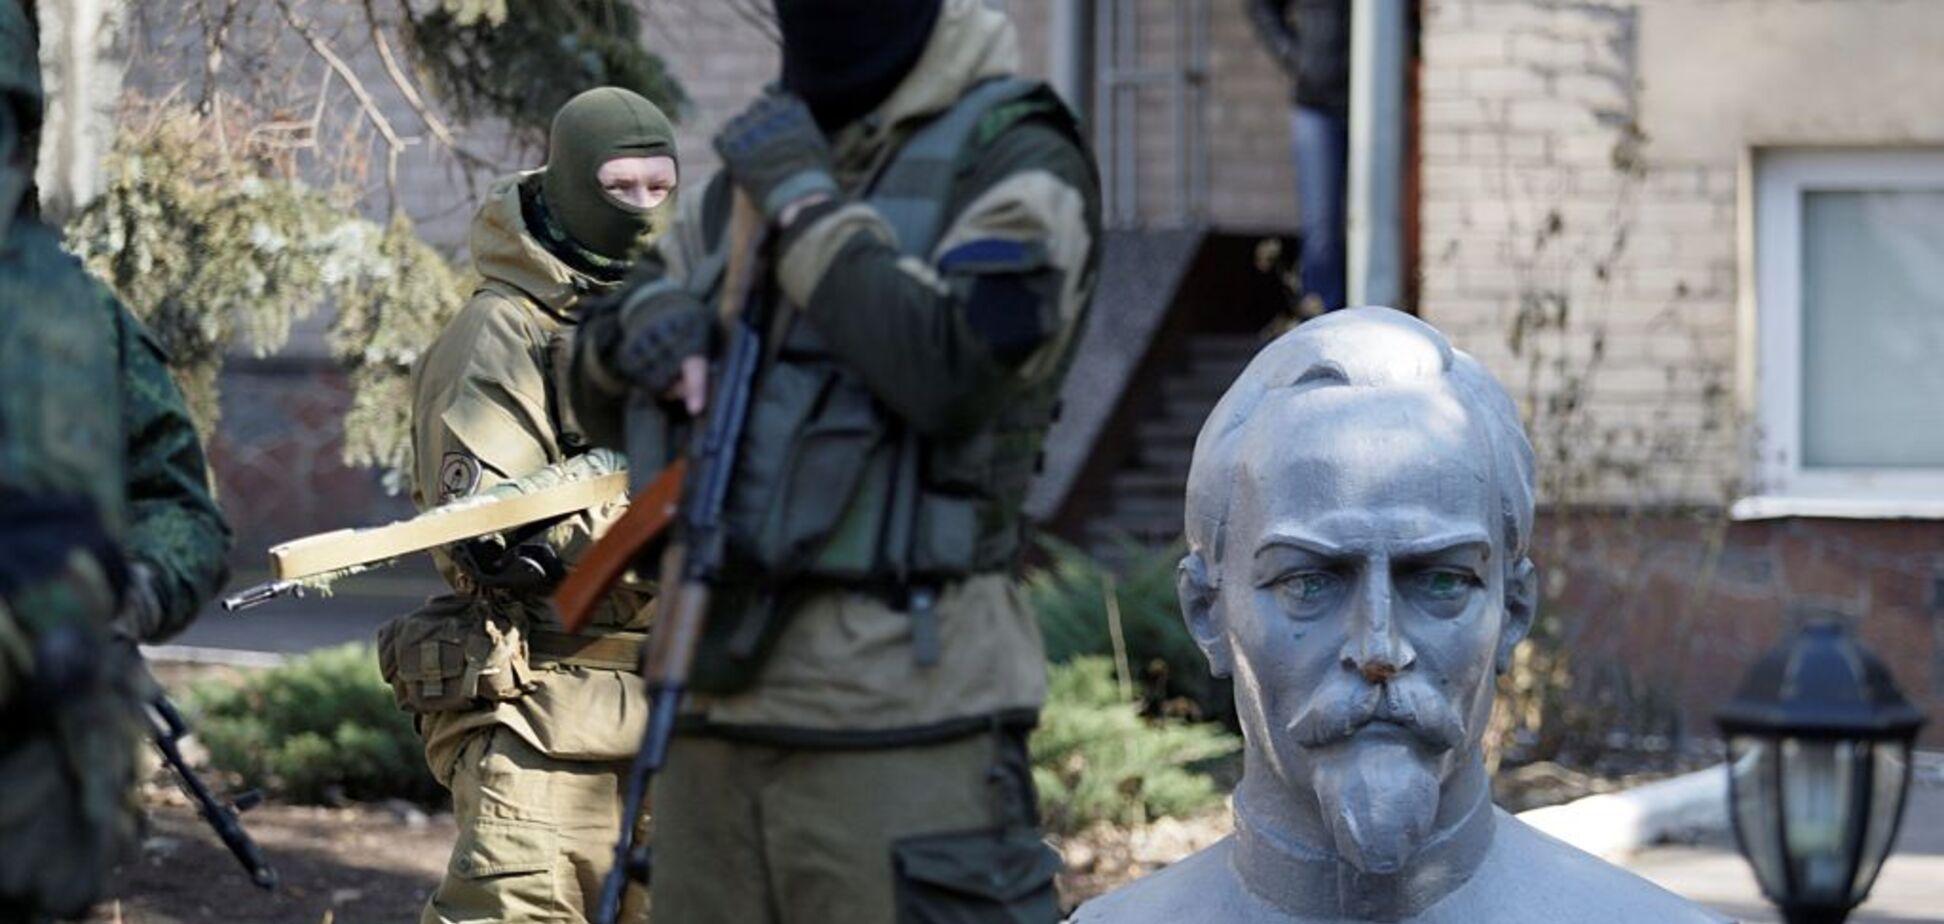 Перемирие на Донбассе: стало известно о новой тактике террористов